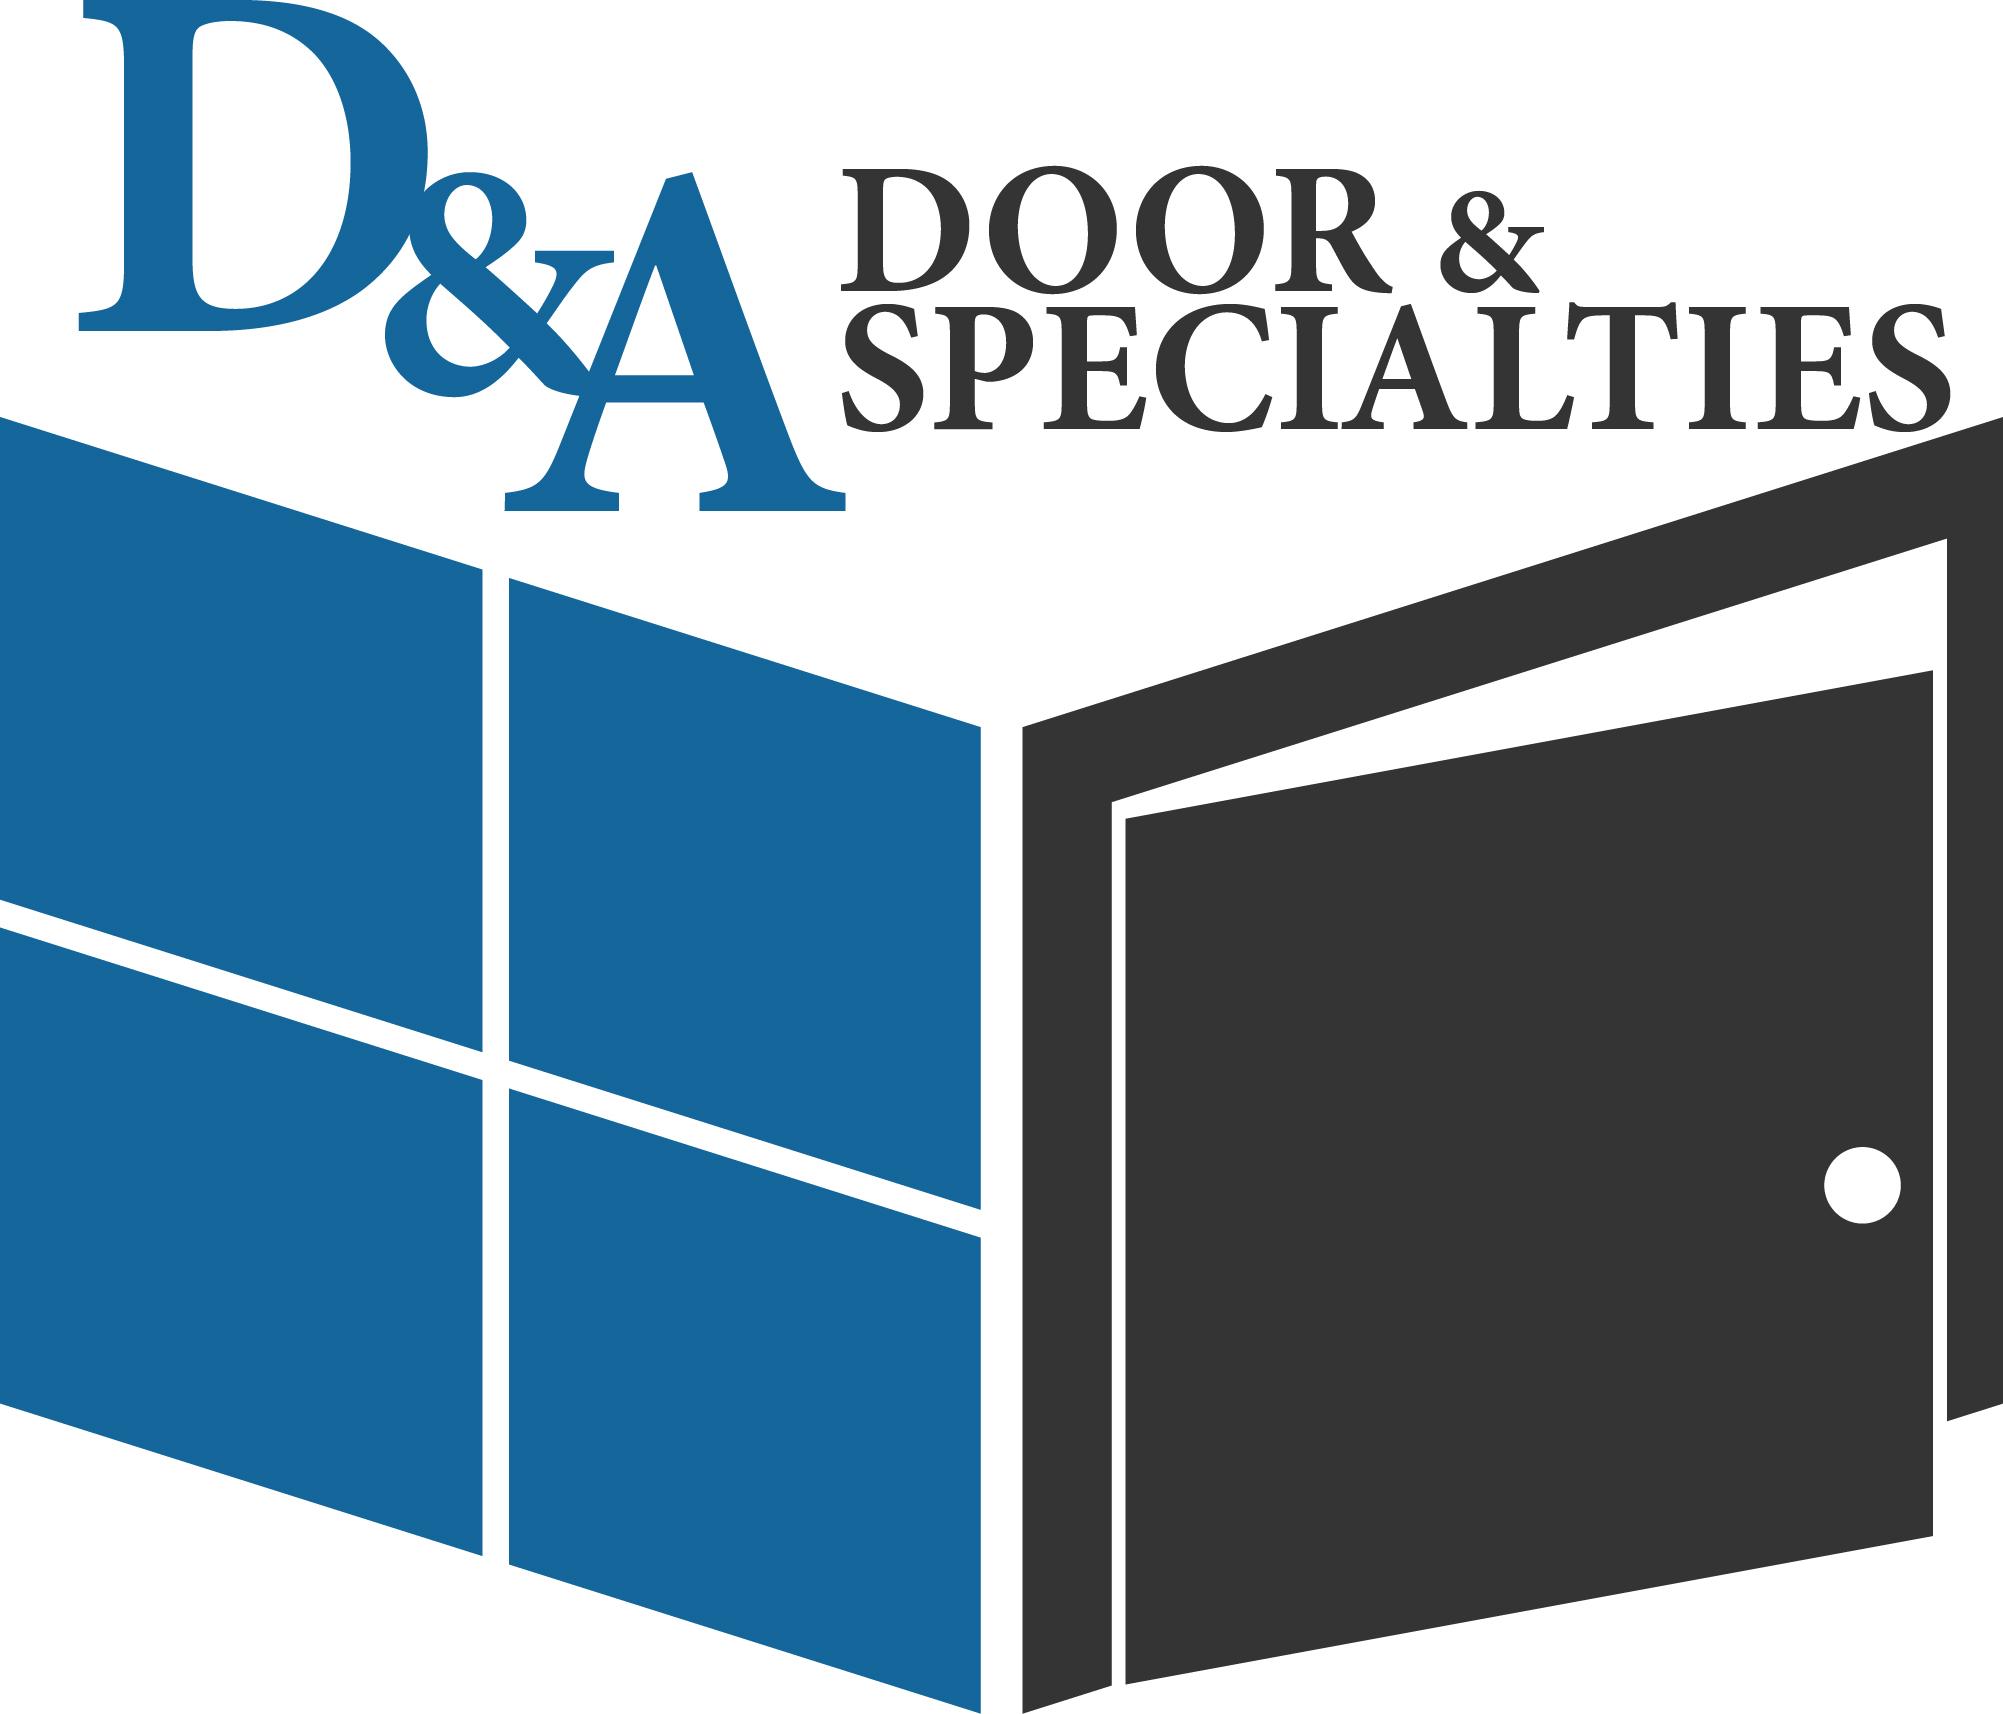 D&A Door & Specialties.jpg